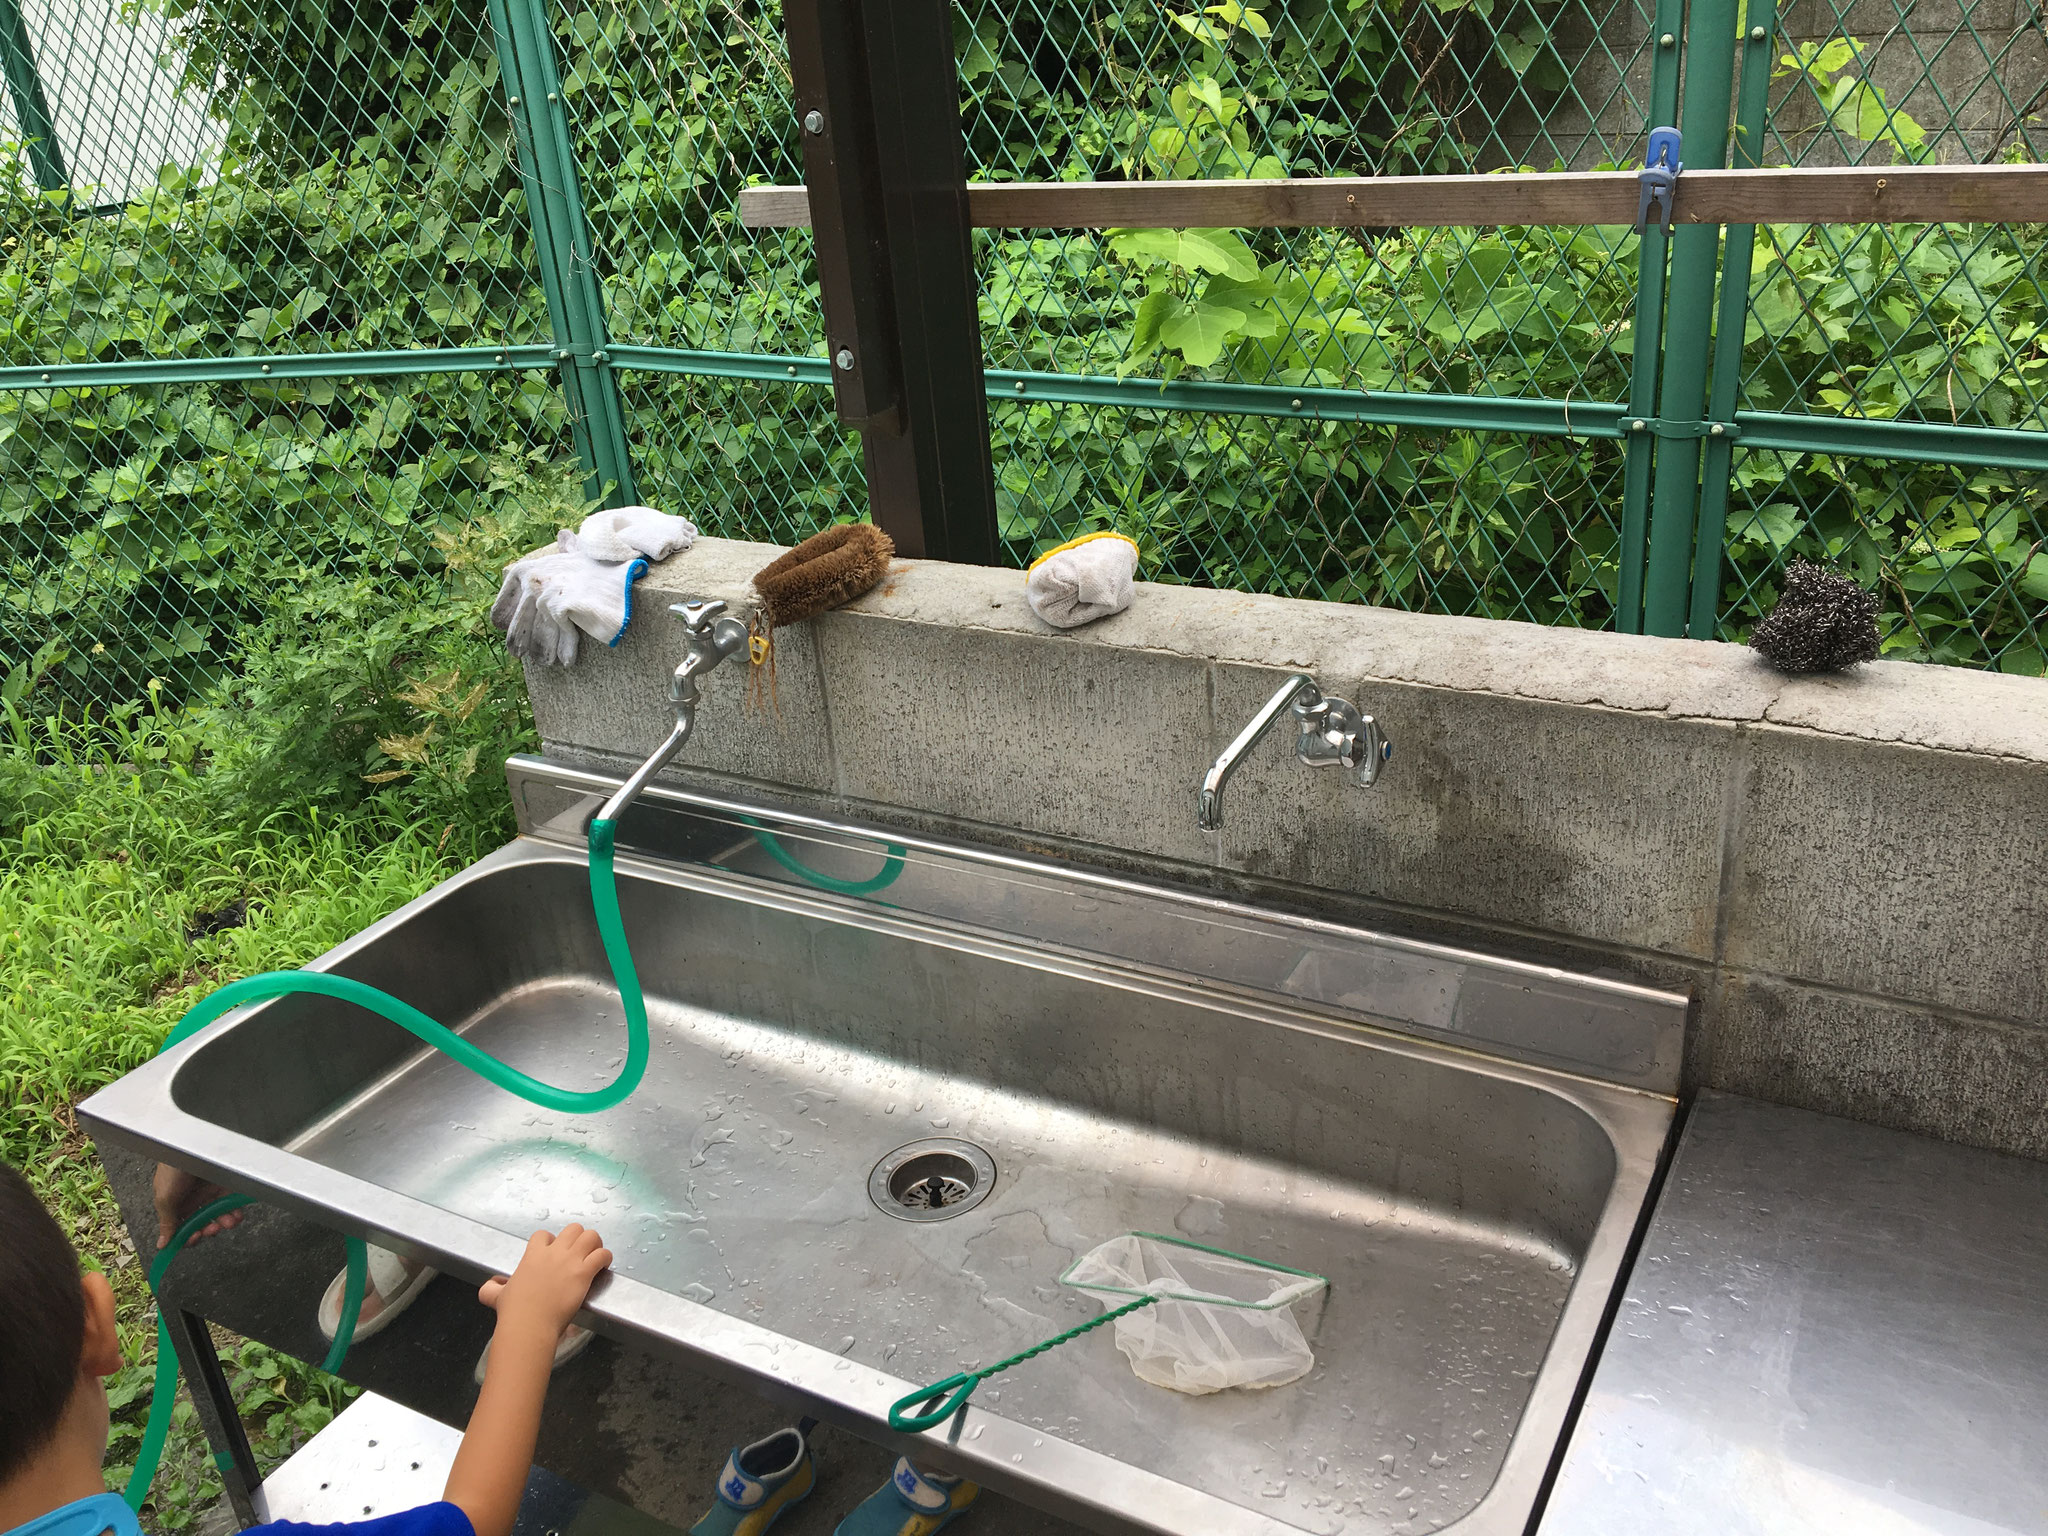 食材の洗浄などに便利